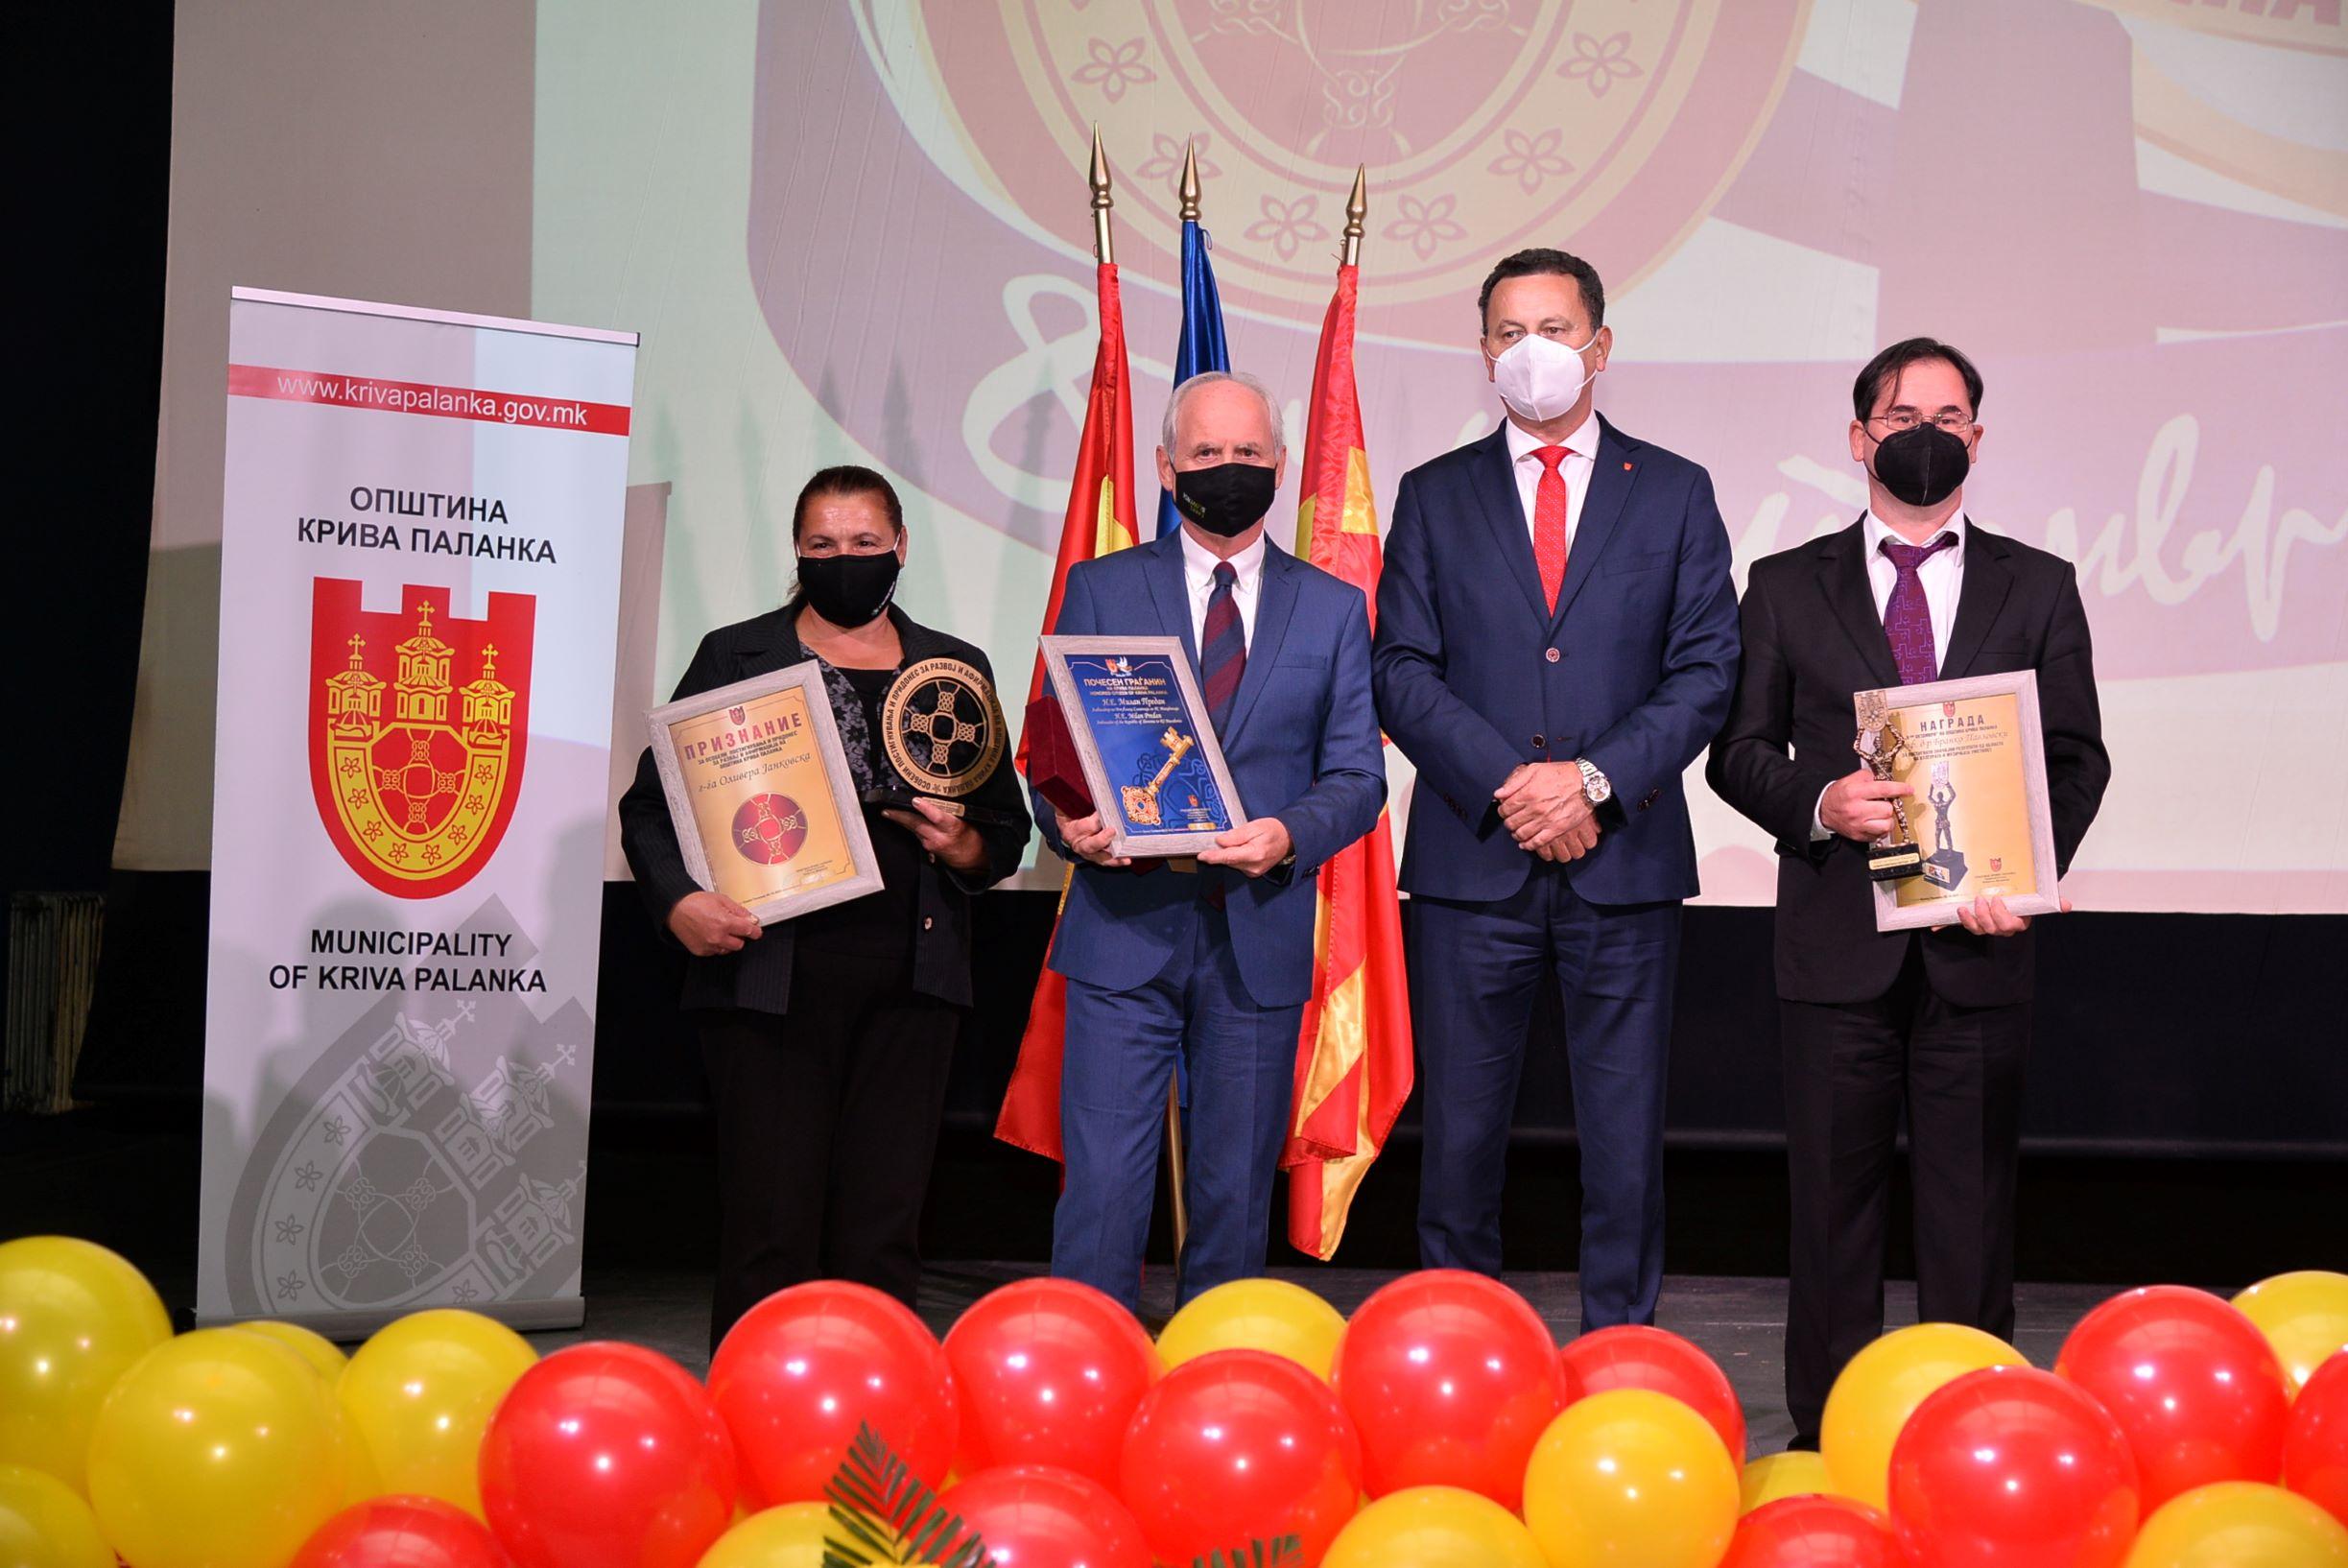 Доделени највисоките општински награди и признанија за 2021 година